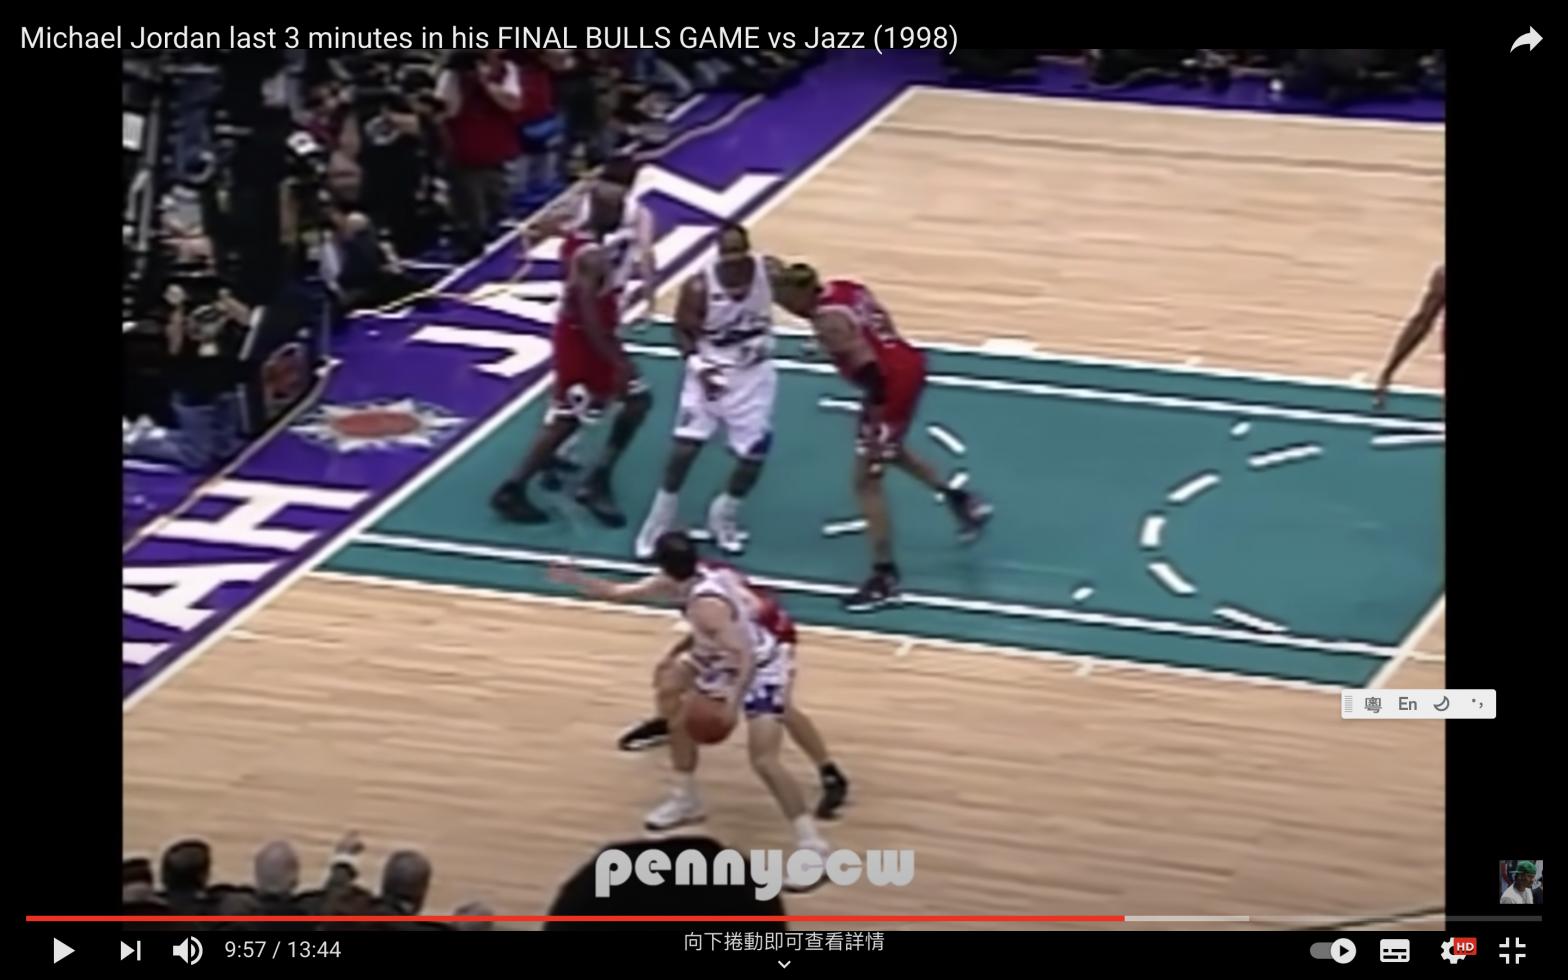 Basketball thoughts: Jordan's last three mins and Kobe's last three mins and Lebron and Kobe's last three minutes